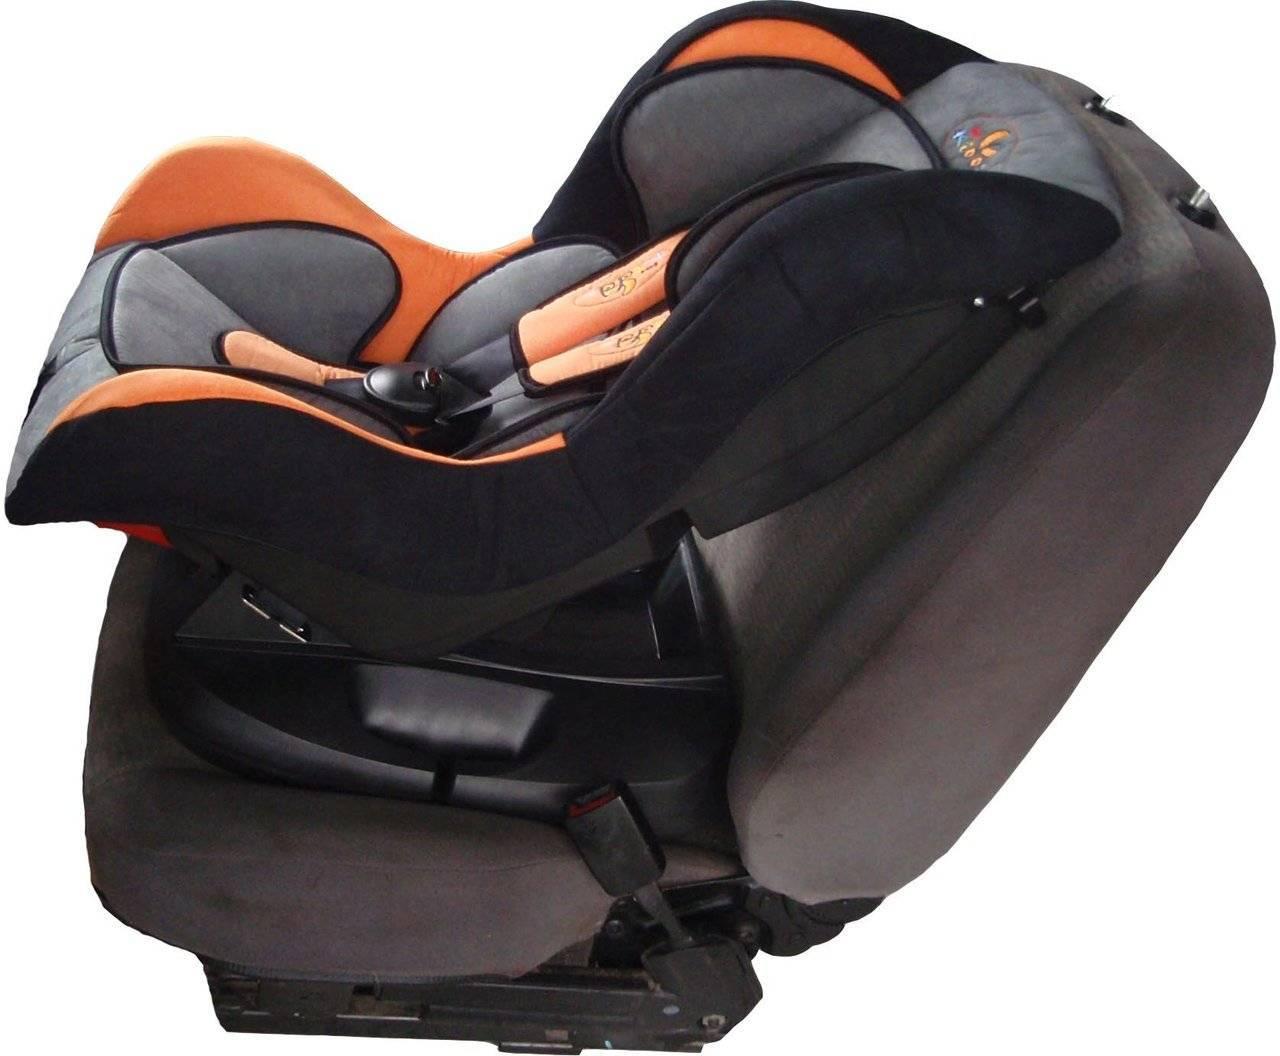 Какое автокресло выбрать для ребенка от 0 до 18 кг: рейтинг автокресел | покупки | vpolozhenii.com